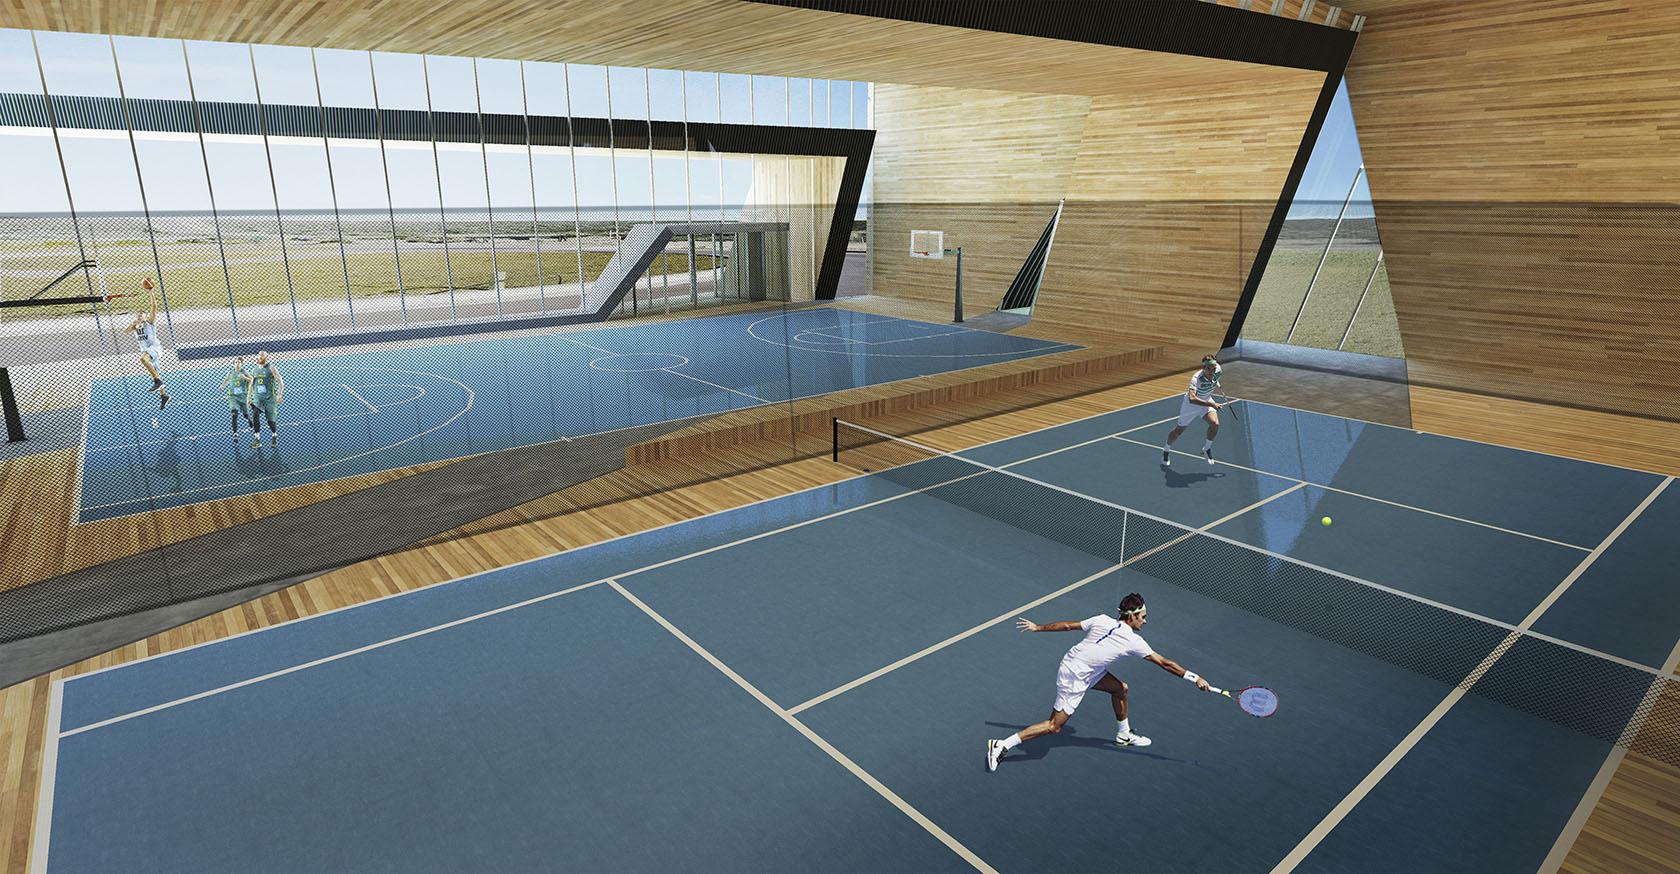 Diseño de grandes cubiertas modernas, continuidad arquitectónica, interiores cálidos en complejos deportivos